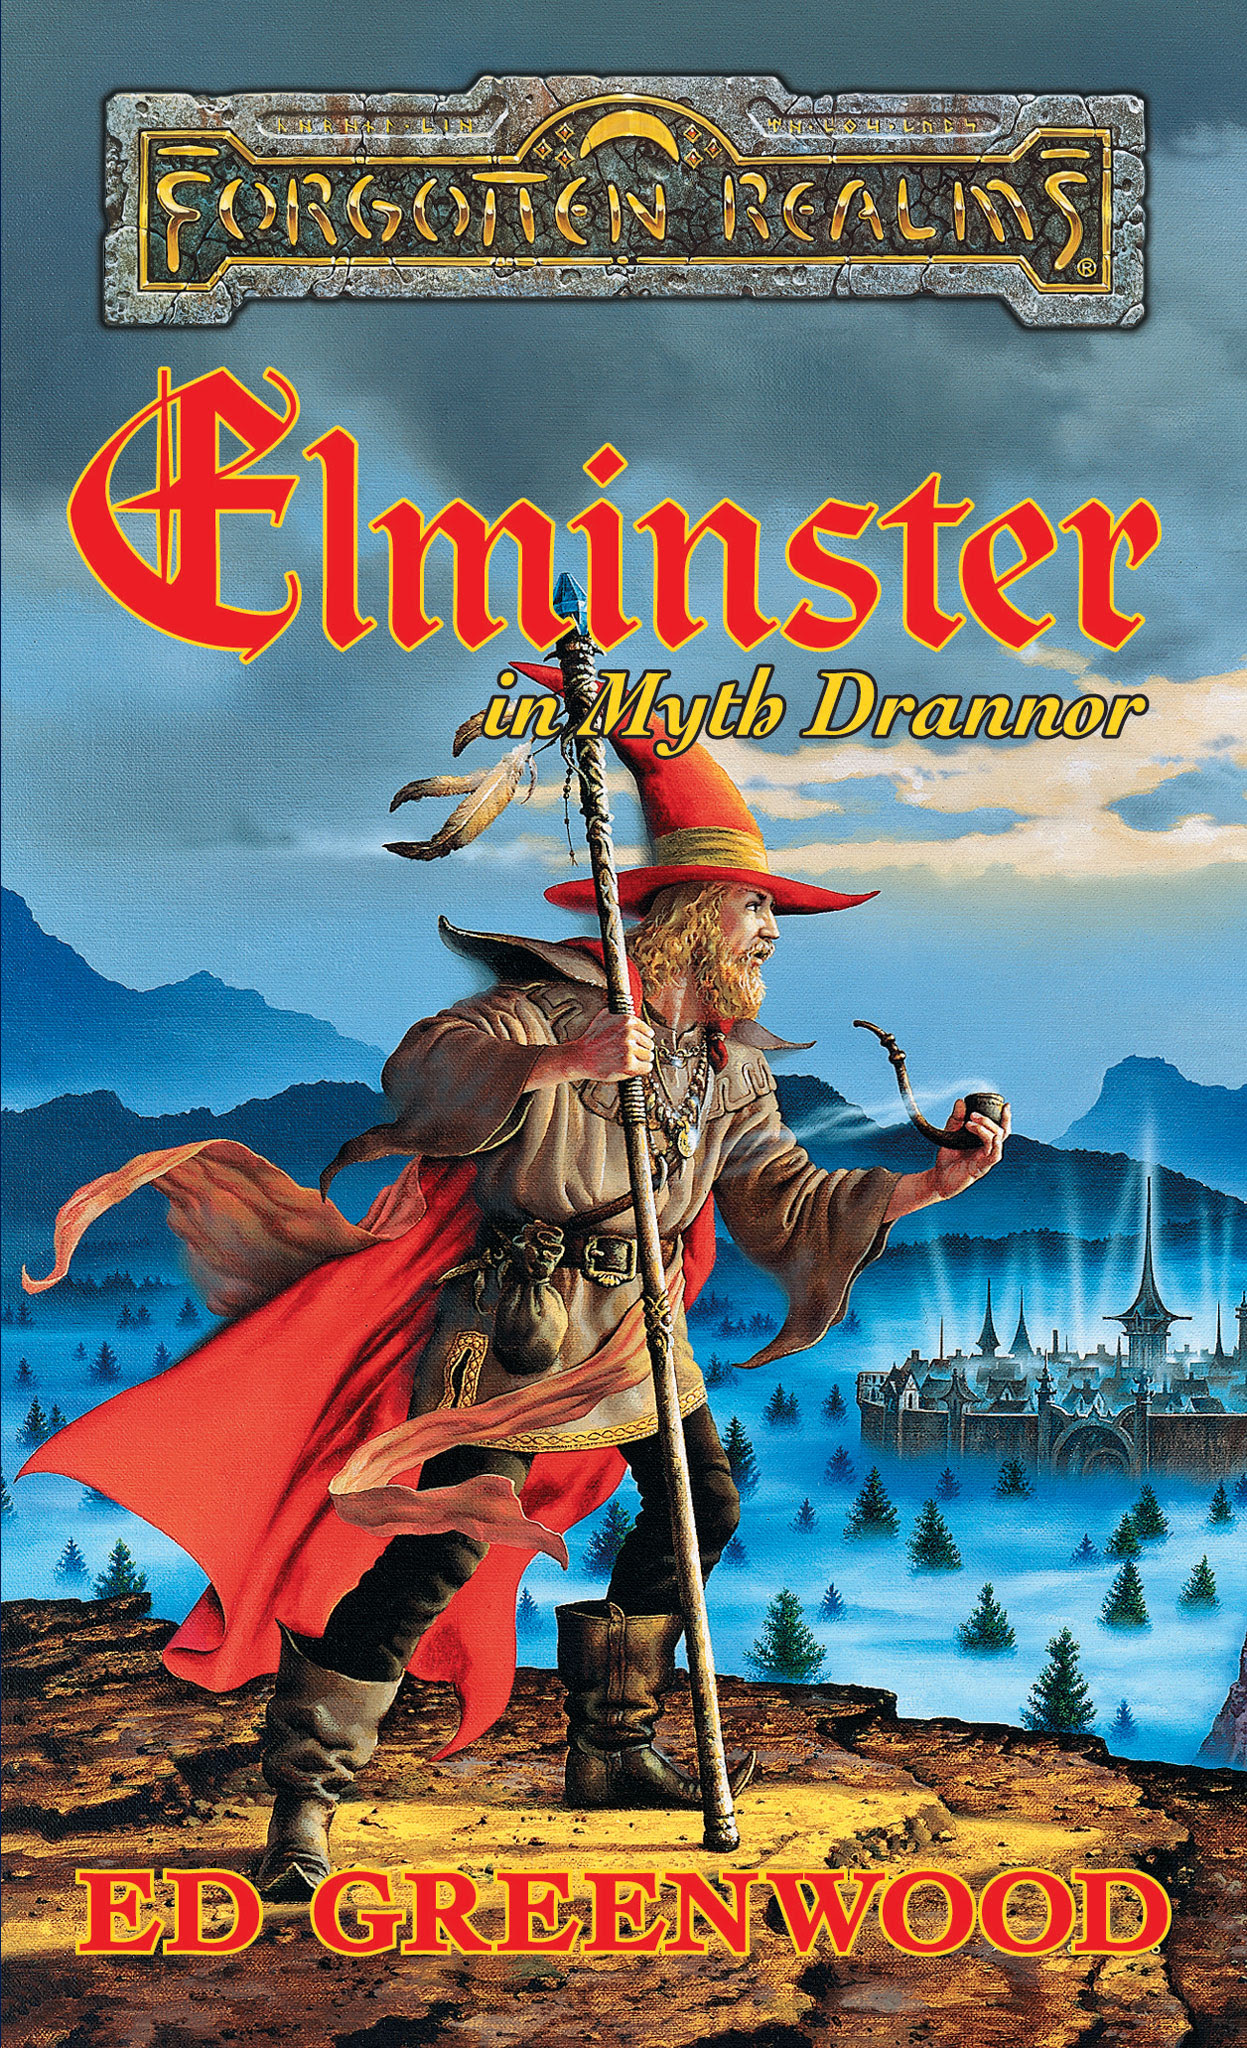 Portada del libro Elminster en Myth Drannor, de Ed Greenwood